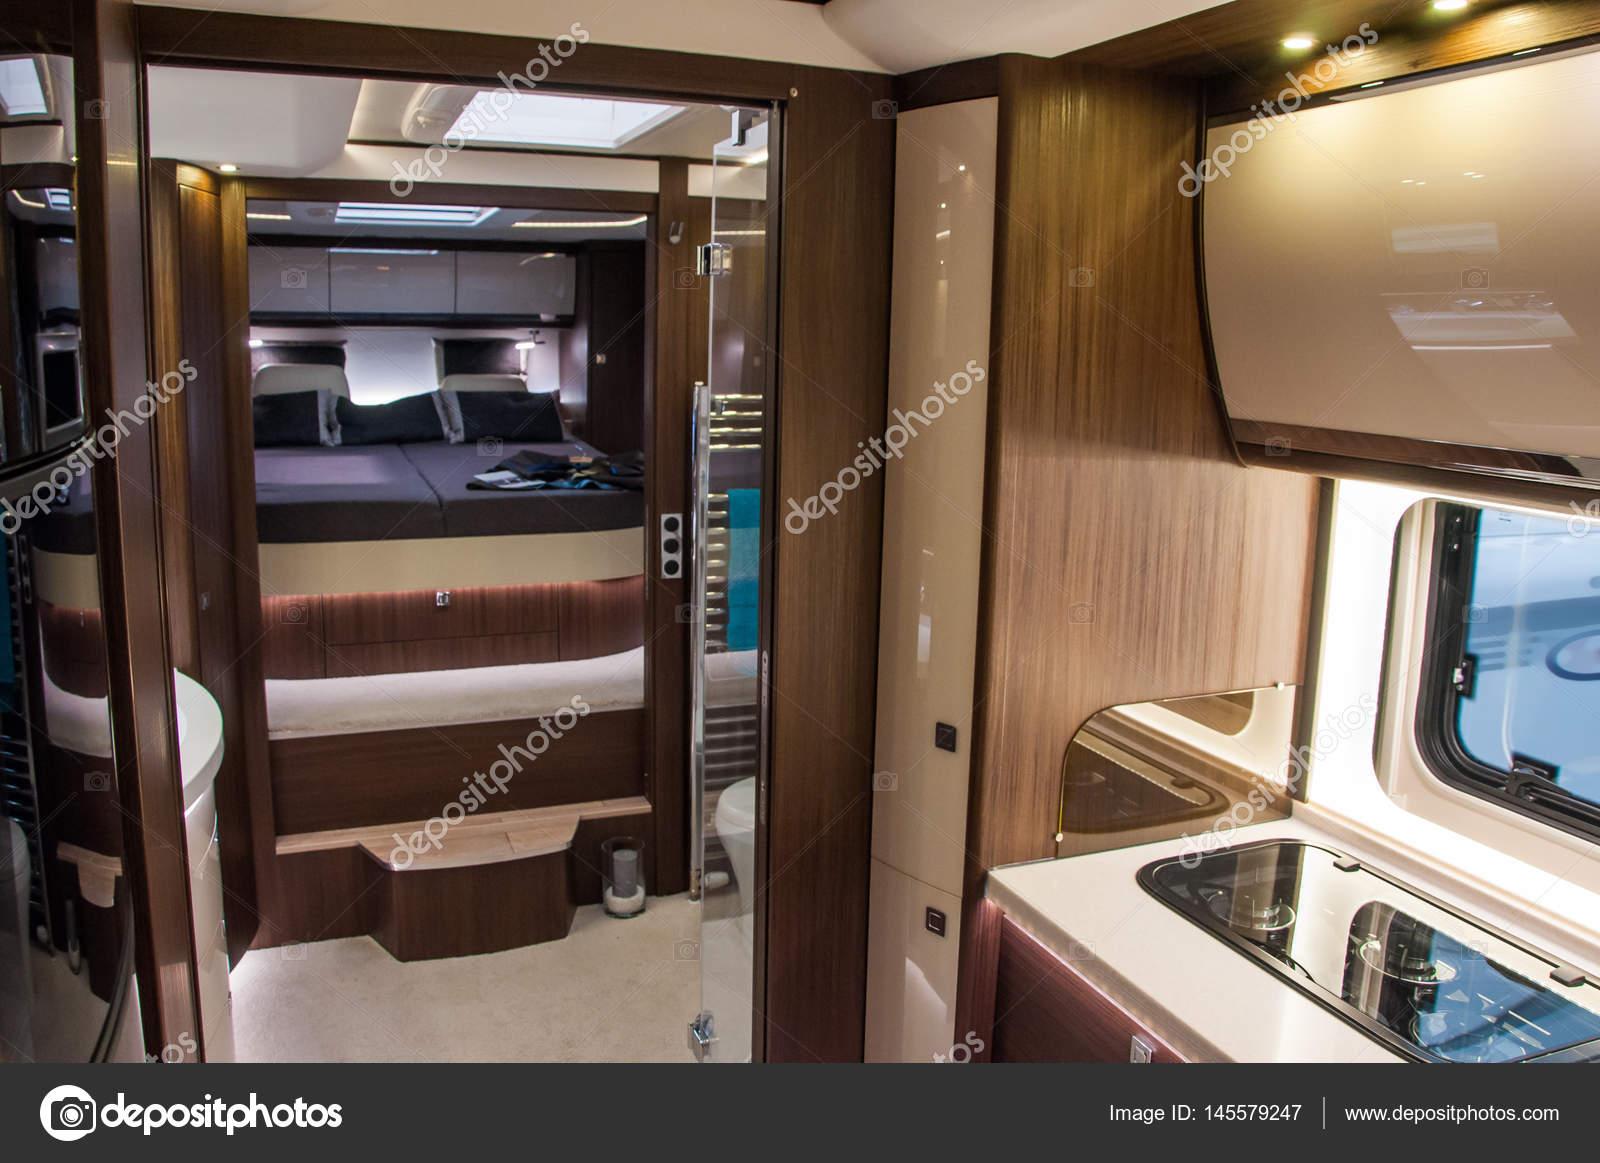 https://st3.depositphotos.com/3009117/14557/i/1600/depositphotos_145579247-stockafbeelding-interieur-van-luxe-caravan.jpg